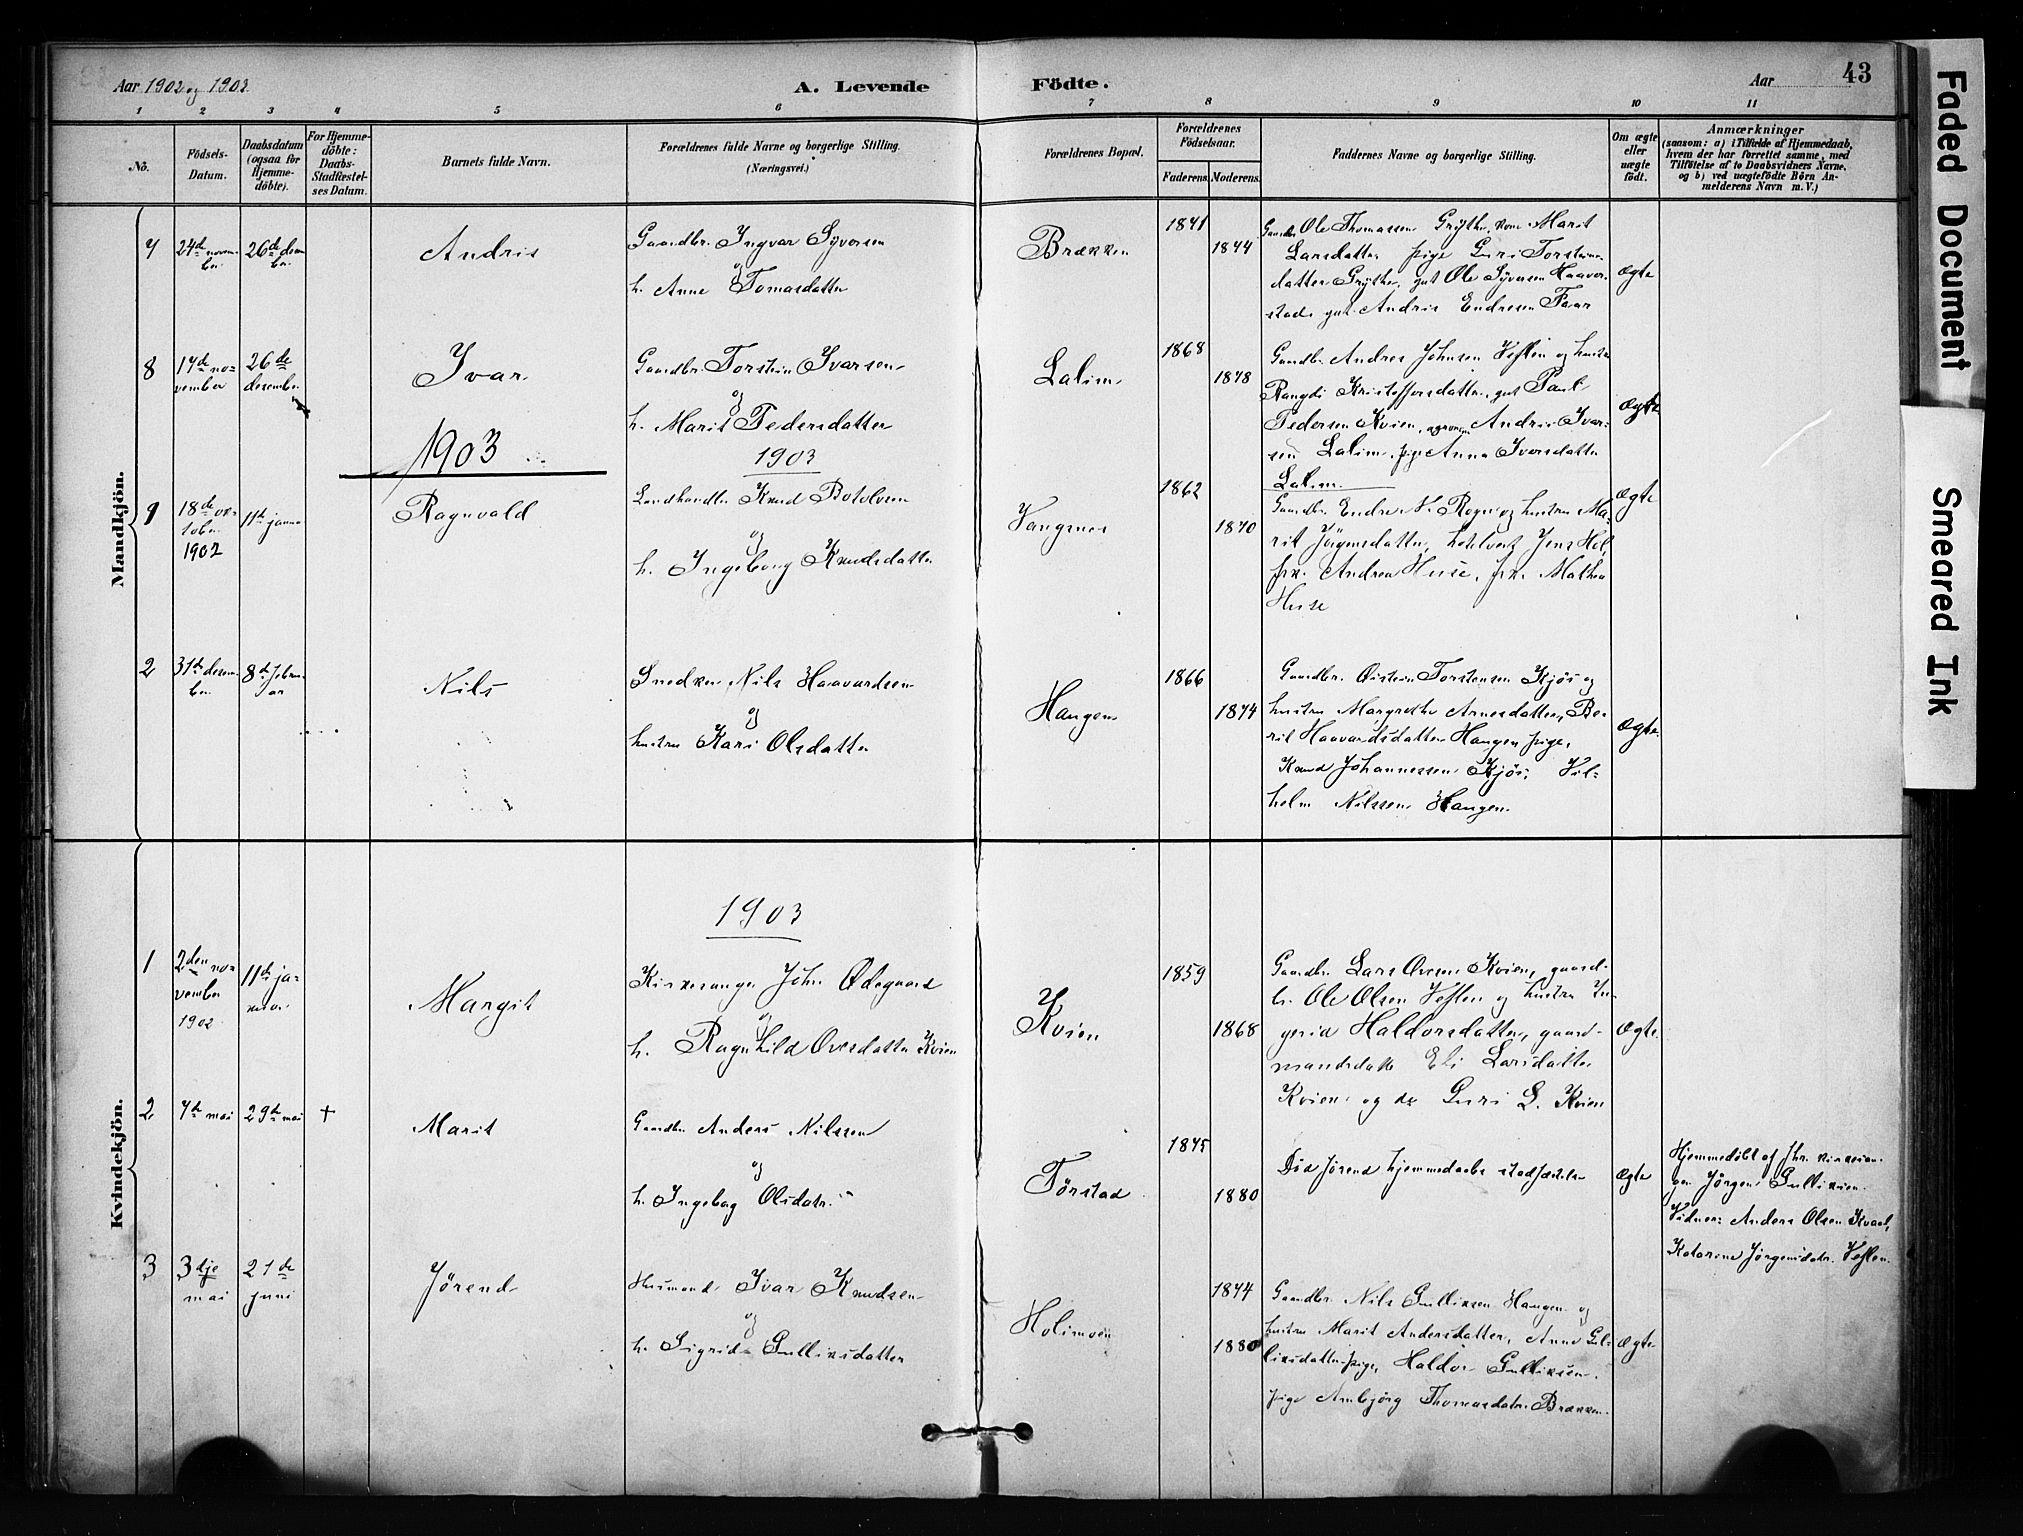 SAH, Vang prestekontor, Valdres, Ministerialbok nr. 9, 1882-1914, s. 43